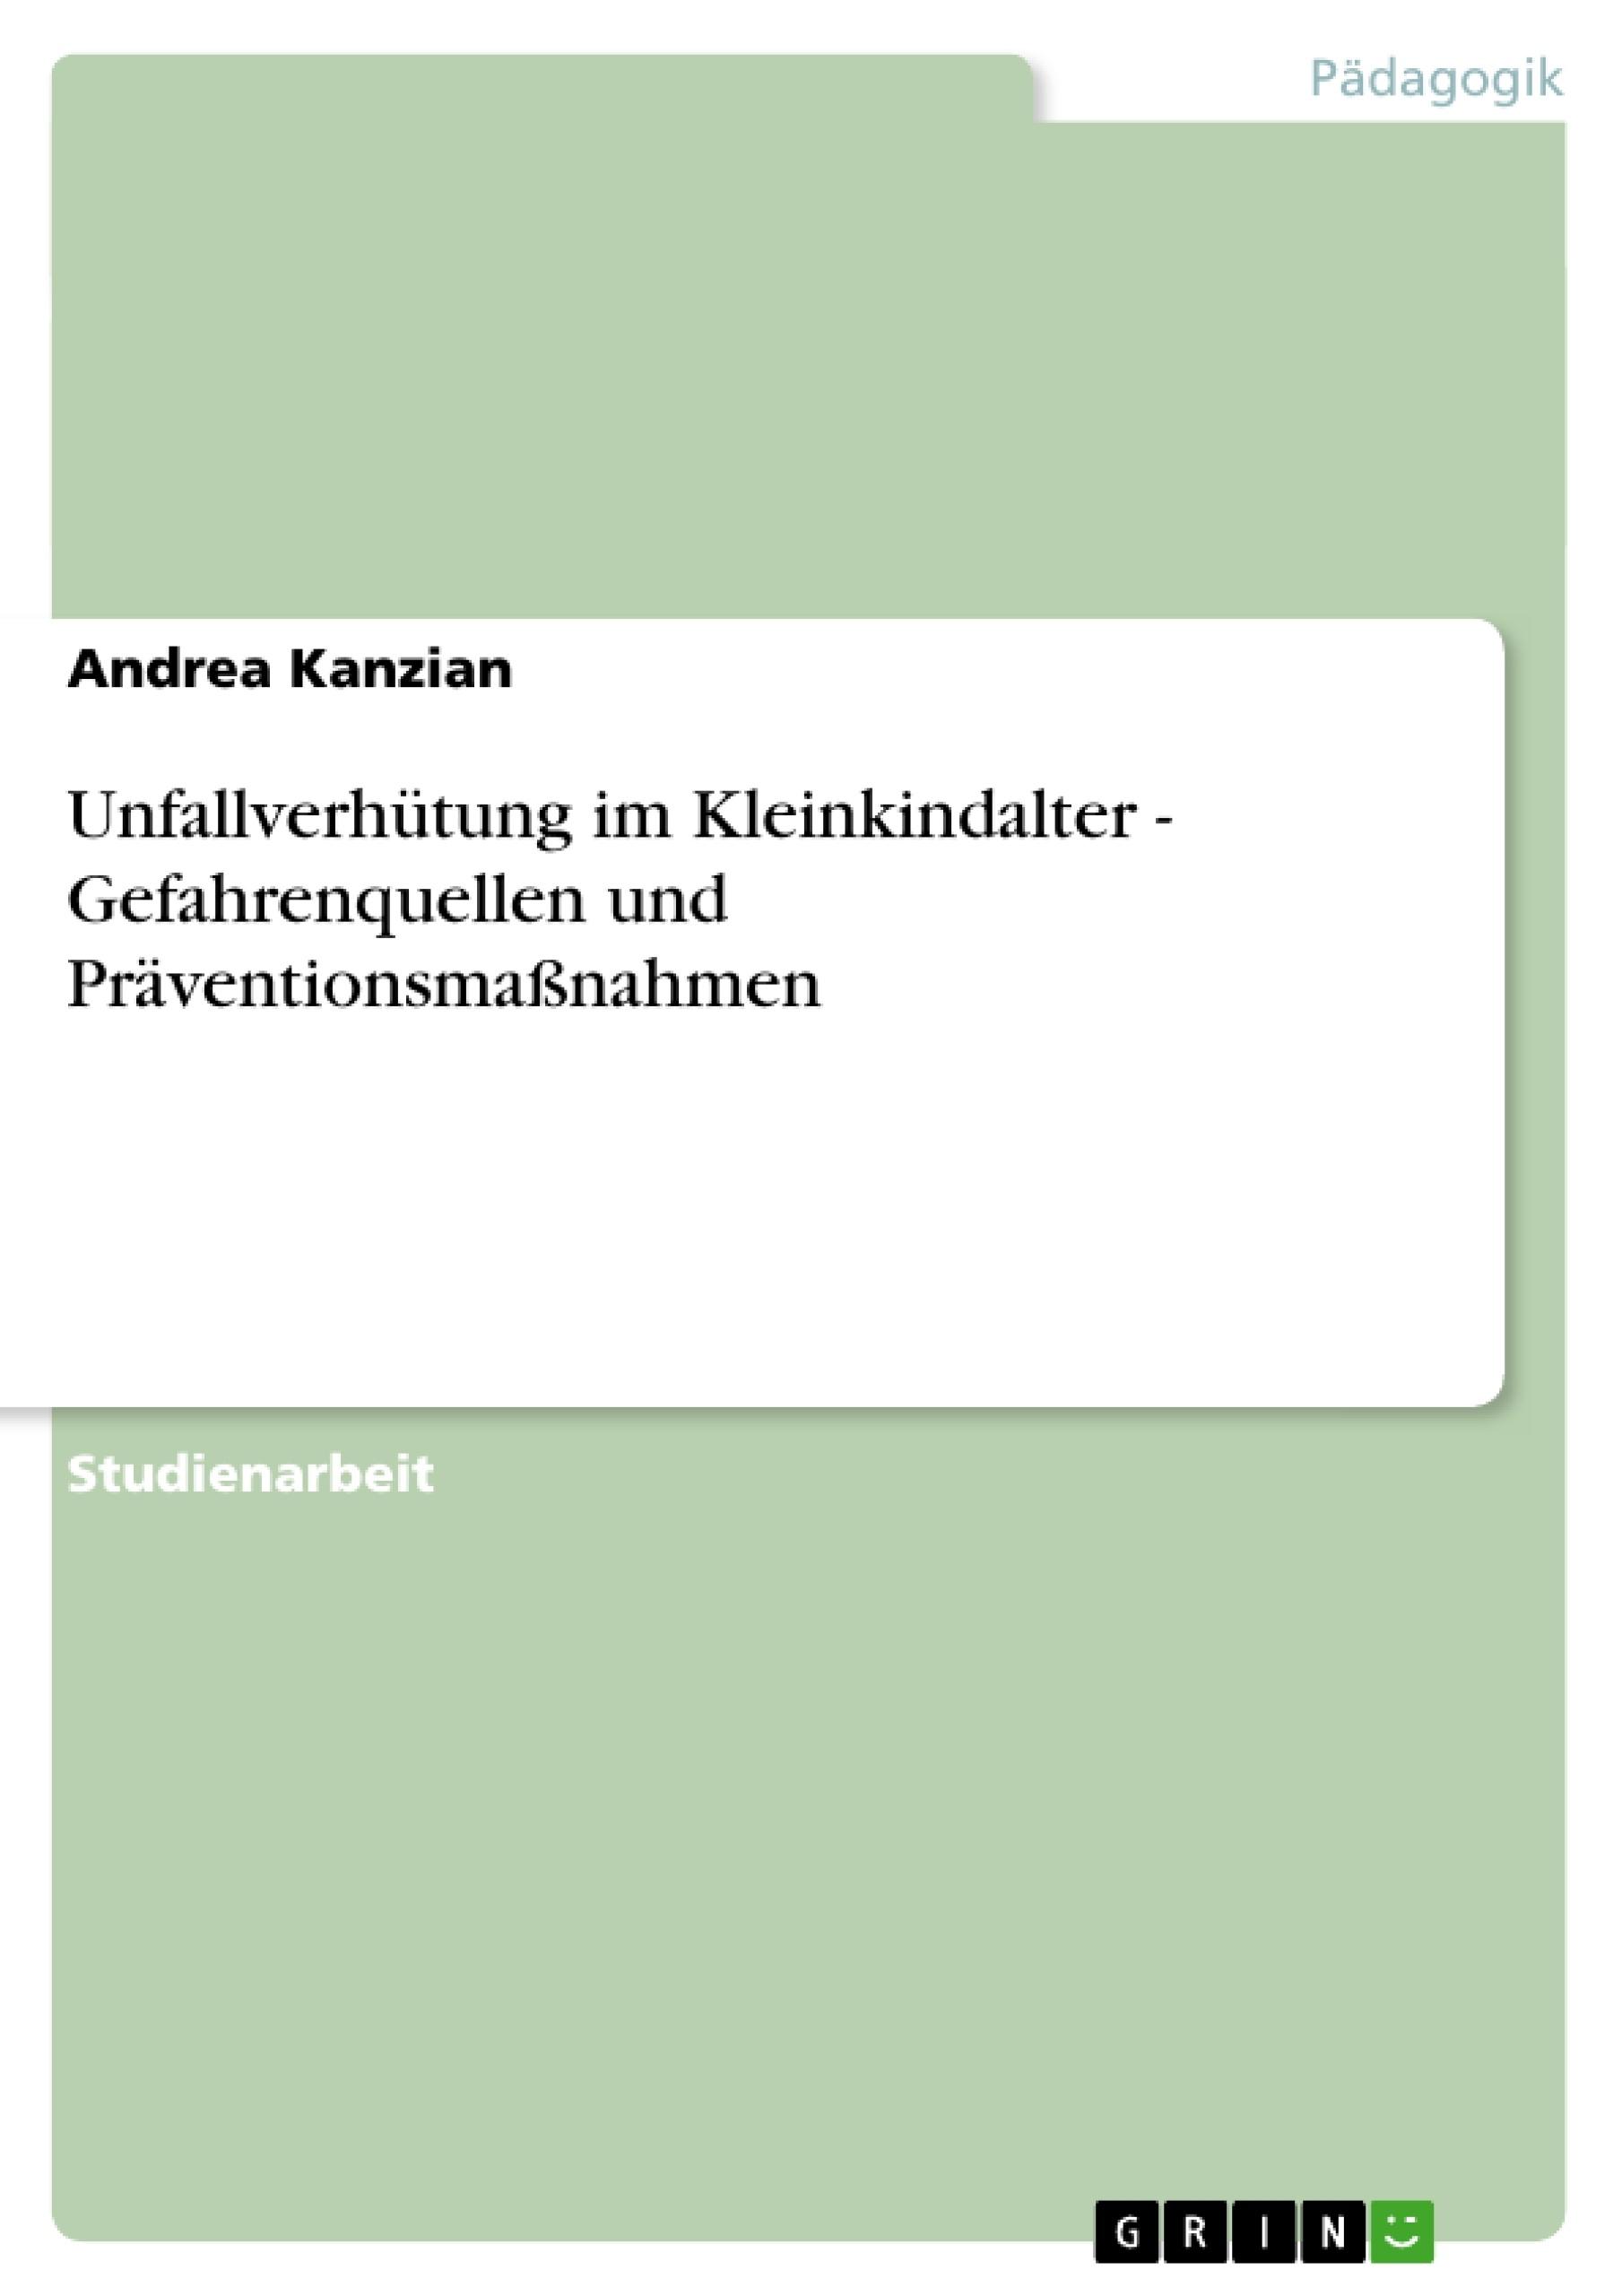 Titel: Unfallverhütung im Kleinkindalter - Gefahrenquellen und Präventionsmaßnahmen